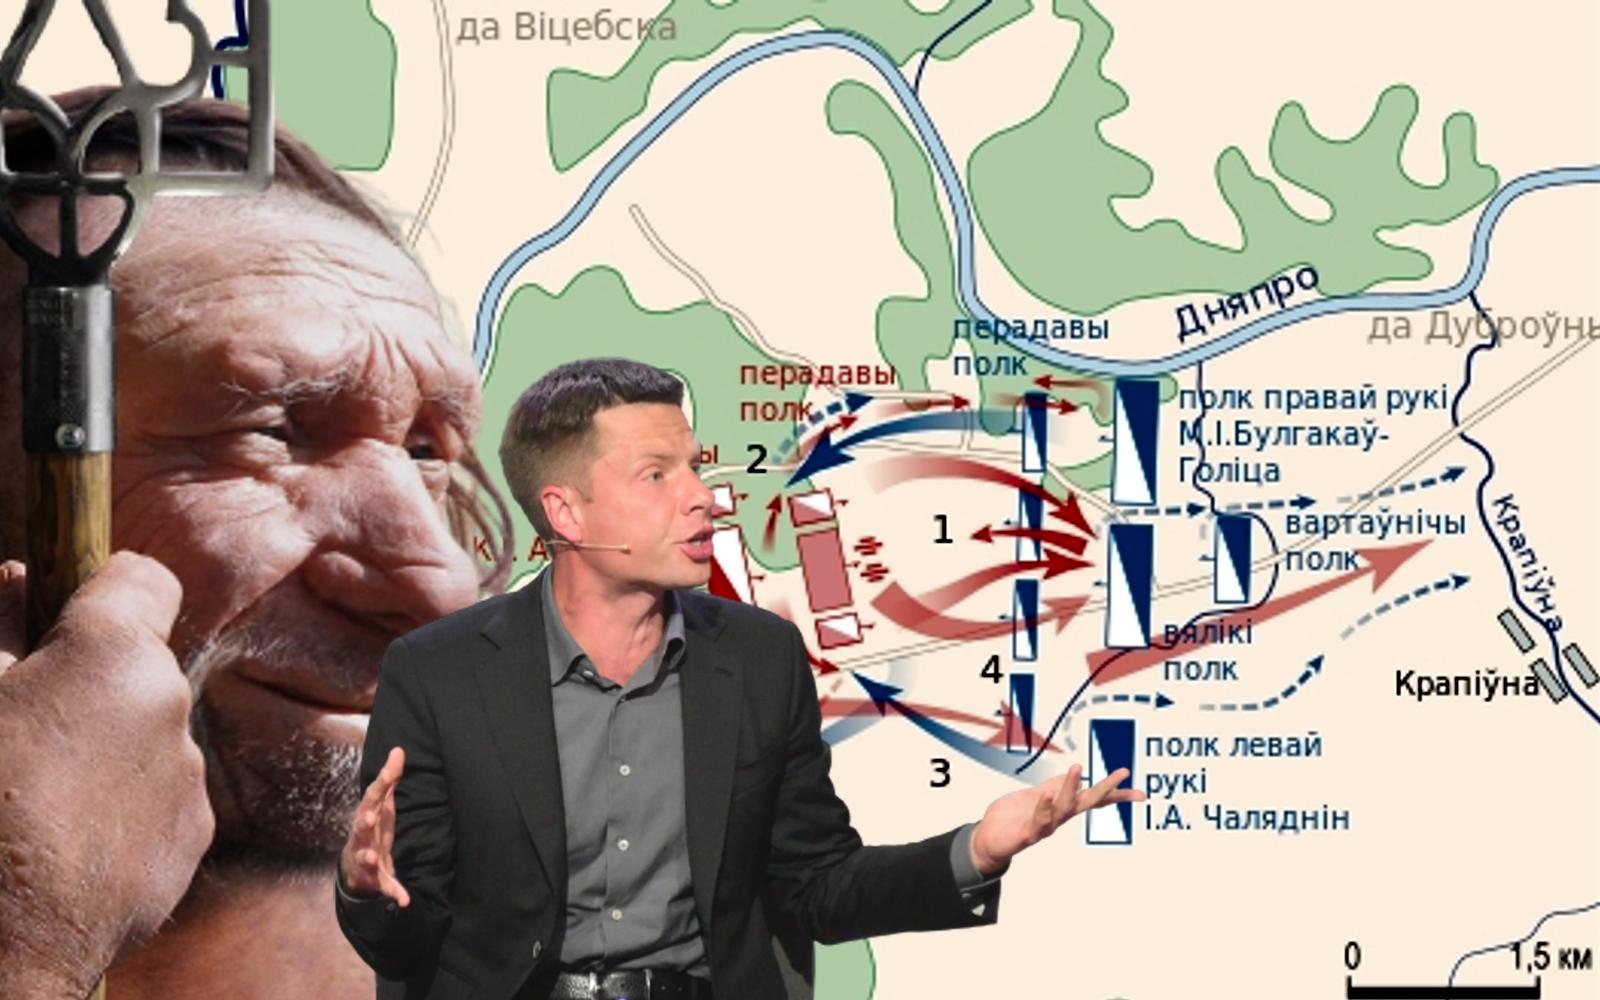 Депутат Рады Гончаренко вспомнил про битву под Оршей: почему он очень зря это сделал?